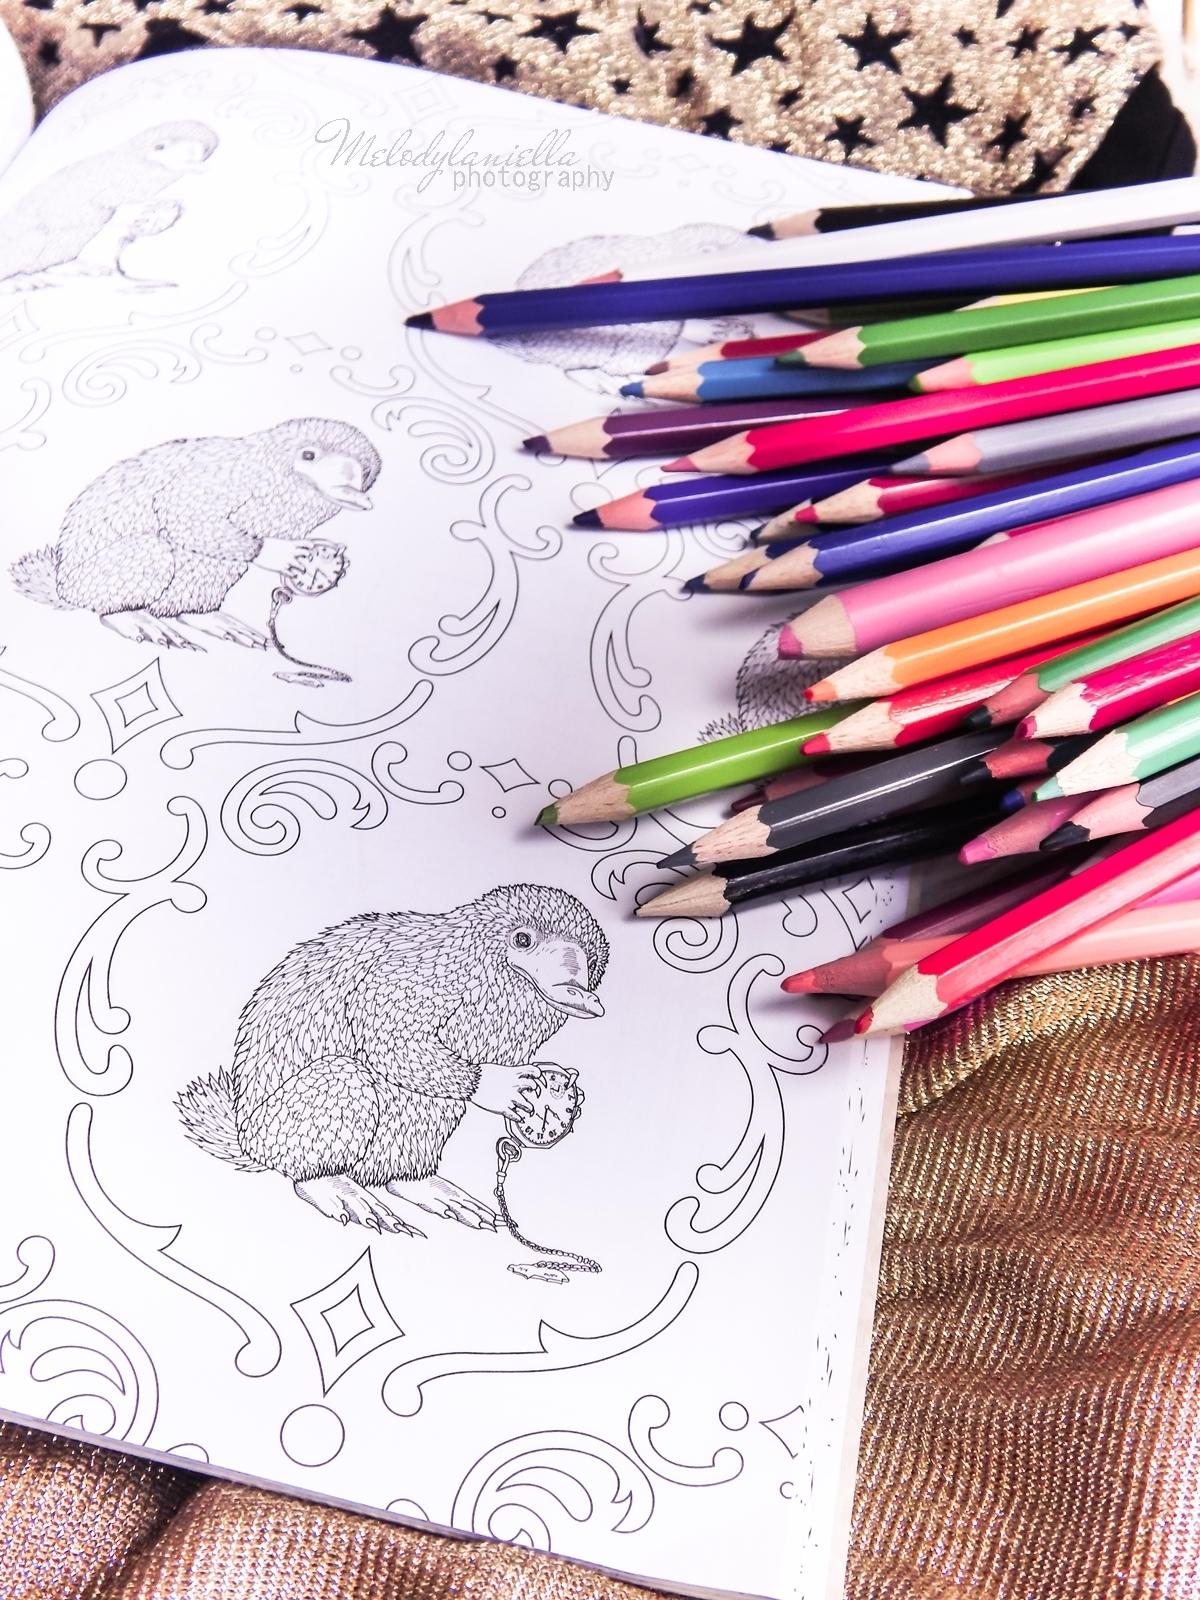 7  Konkurs ! Do wygrania 6 kolorowanek Fantastyczne zwierzęta i jak je znaleźć Magiczne zwierzęta kolorowanka oraz Magiczne miejsca i postacie kolorowanka. HarperCollins. Melodylaniella harry potter